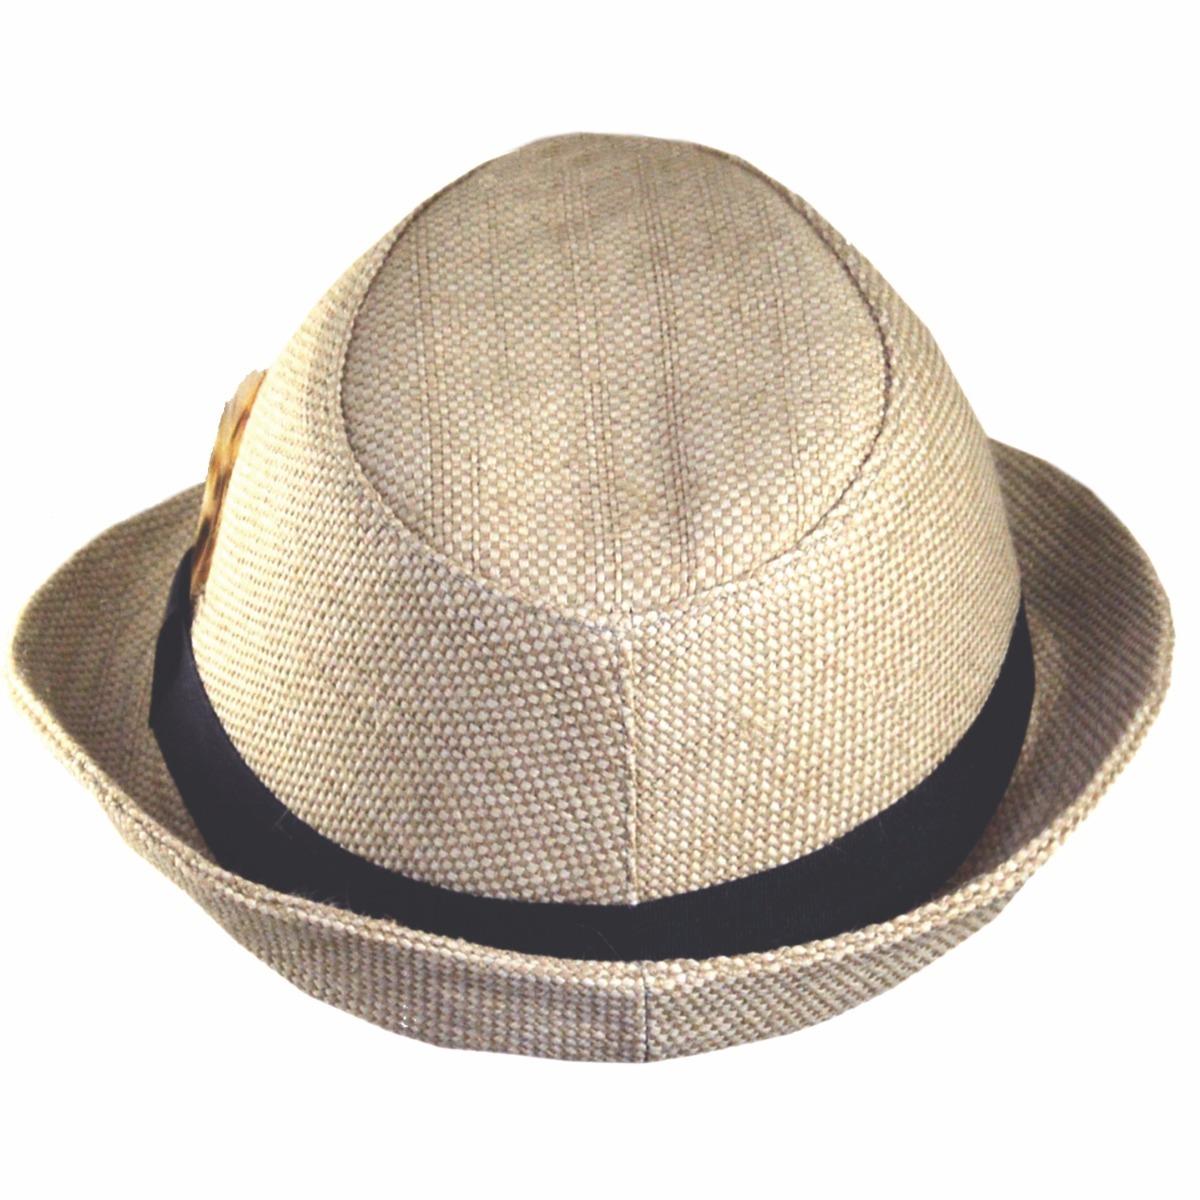 Sombrero Dandy Rafia Telmo Compañia De Sombreros H73306529 -   940 ... 0c3e7cfced0e